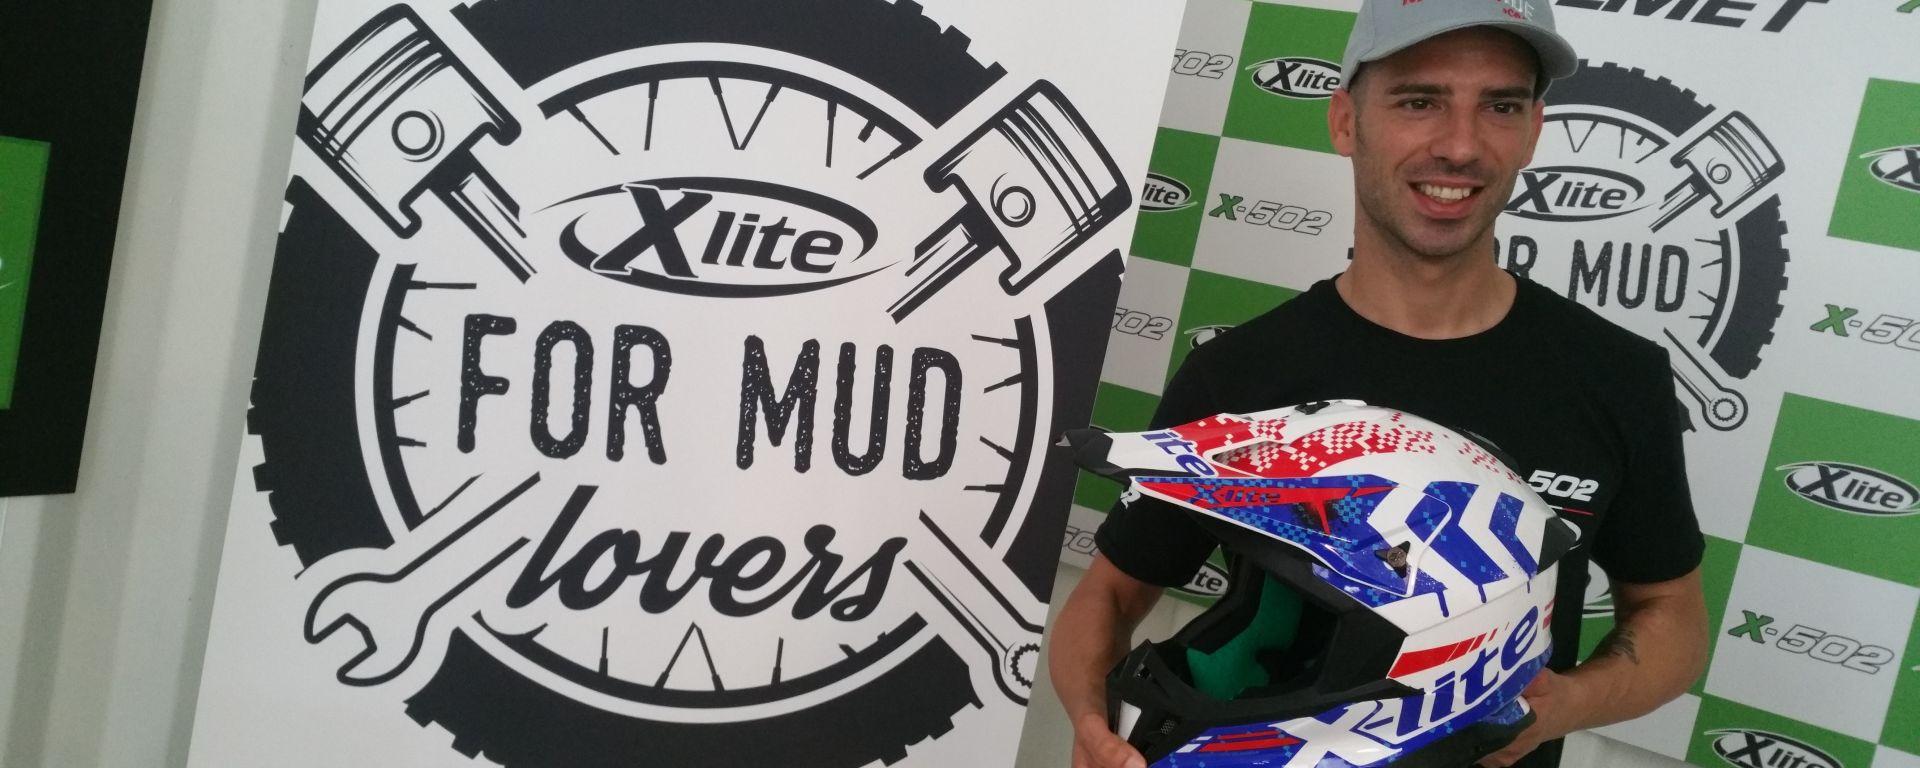 Marco Melandri: in Ducati potrò esprimere tutto il mio potenziale